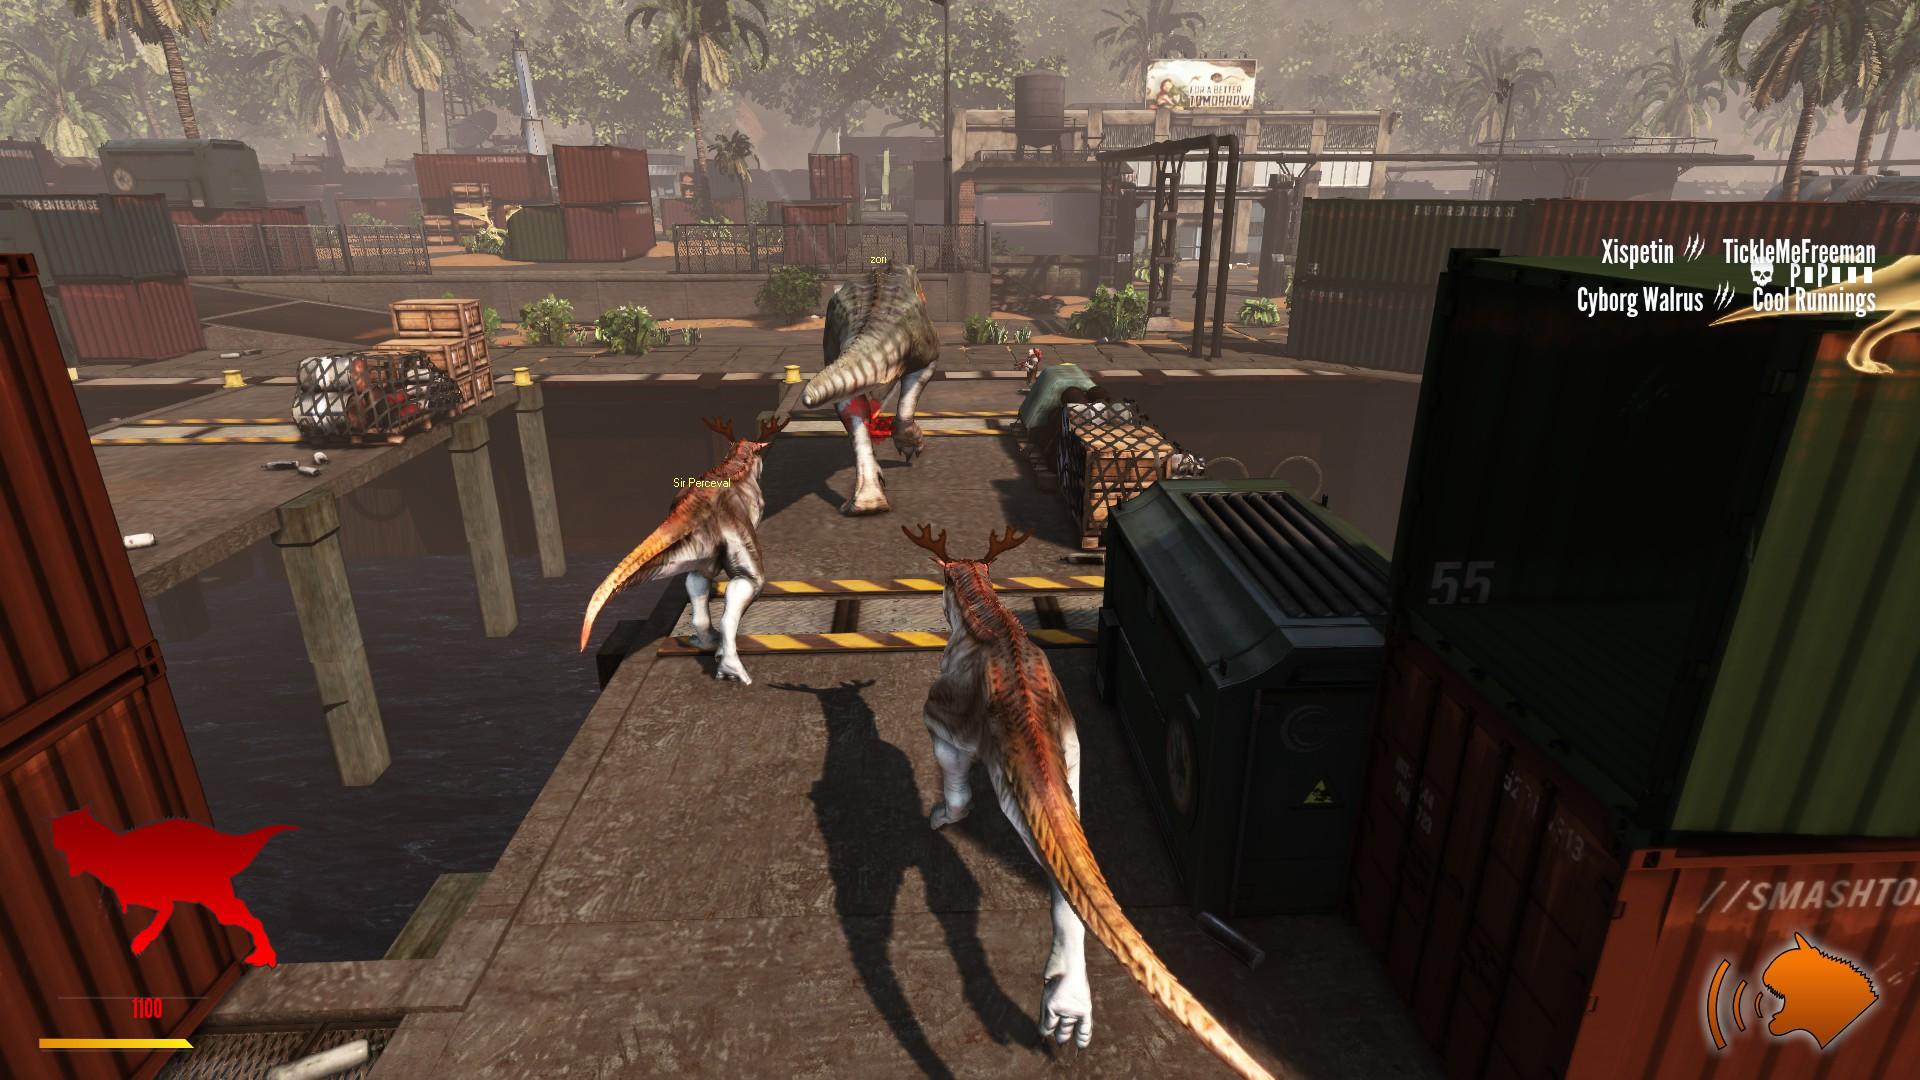 Vidéo sur le jeu Primal Carnage Extinction, jeu multijoueur ou nous pouvons faire partie de l'équipe humaine ou de celle des Dinosaures. Game Primal Carnage: Extinction